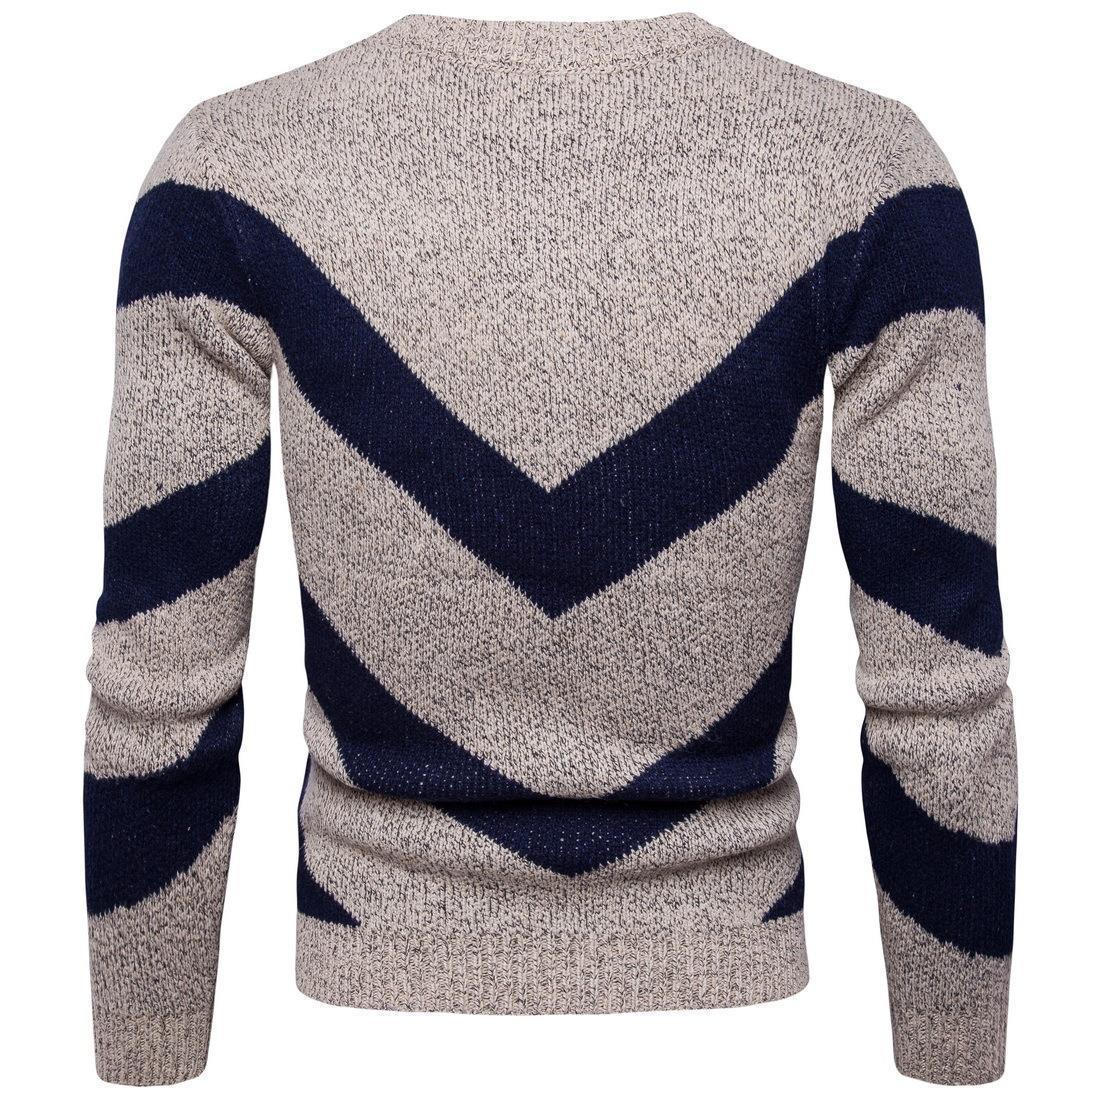 Männer 2018 ausländischer neuer Wintermänner britischer Mode-Rundhals Pullover Mischfarben Männer Pullover Mantel